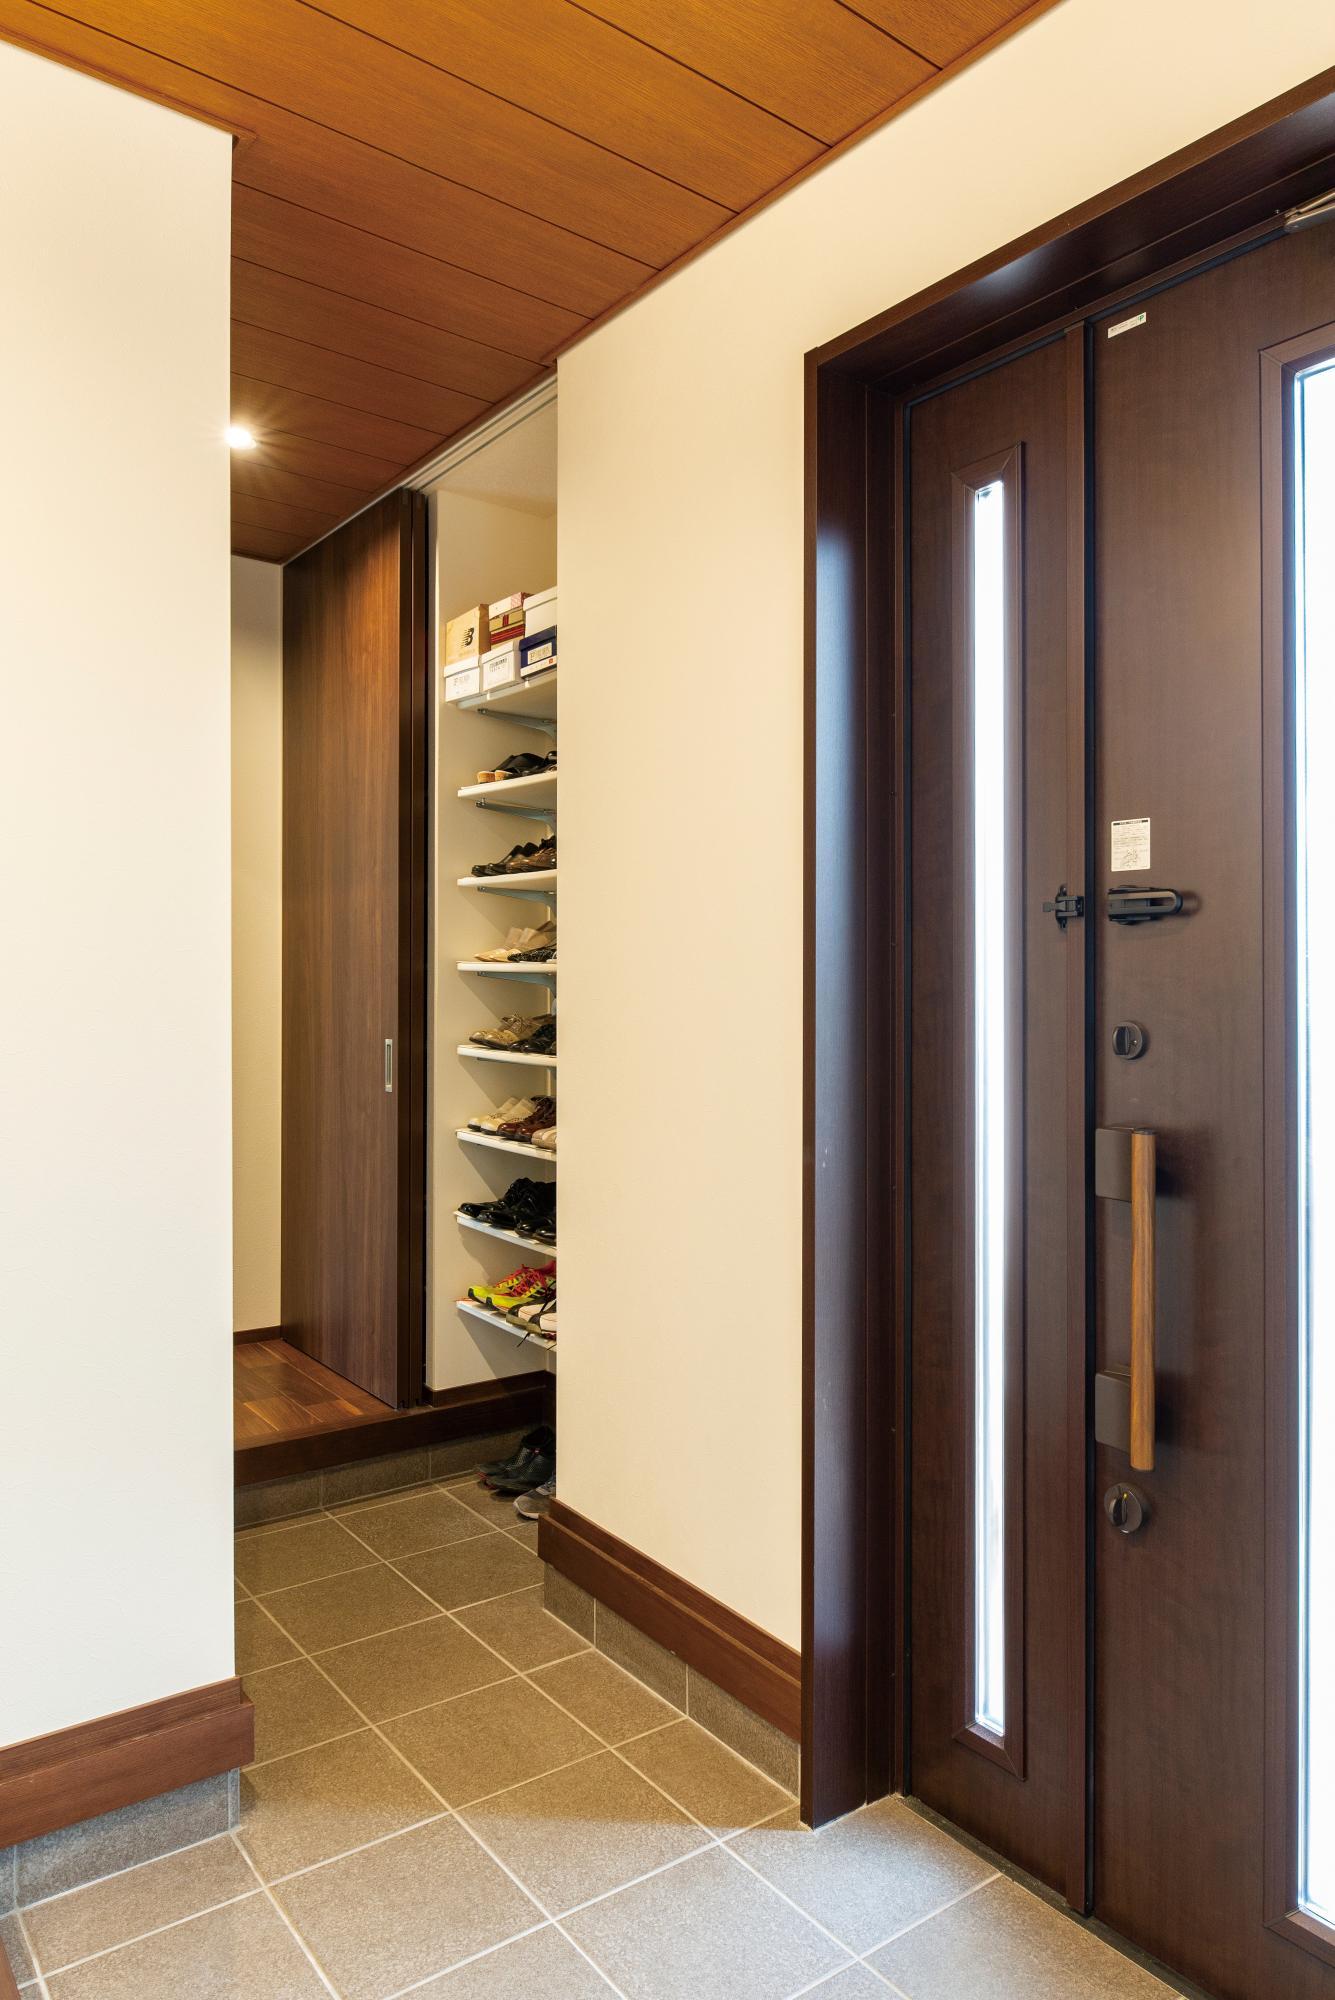 必要な場所に適量の使いやすい収納を設けることで、すっきり片付く家に。玄関収納や、ストックが一目瞭然のパントリー、奥行きの浅い本棚、持ち物を一まとめにできるウォークインクロゼットなど使い勝手よく設計